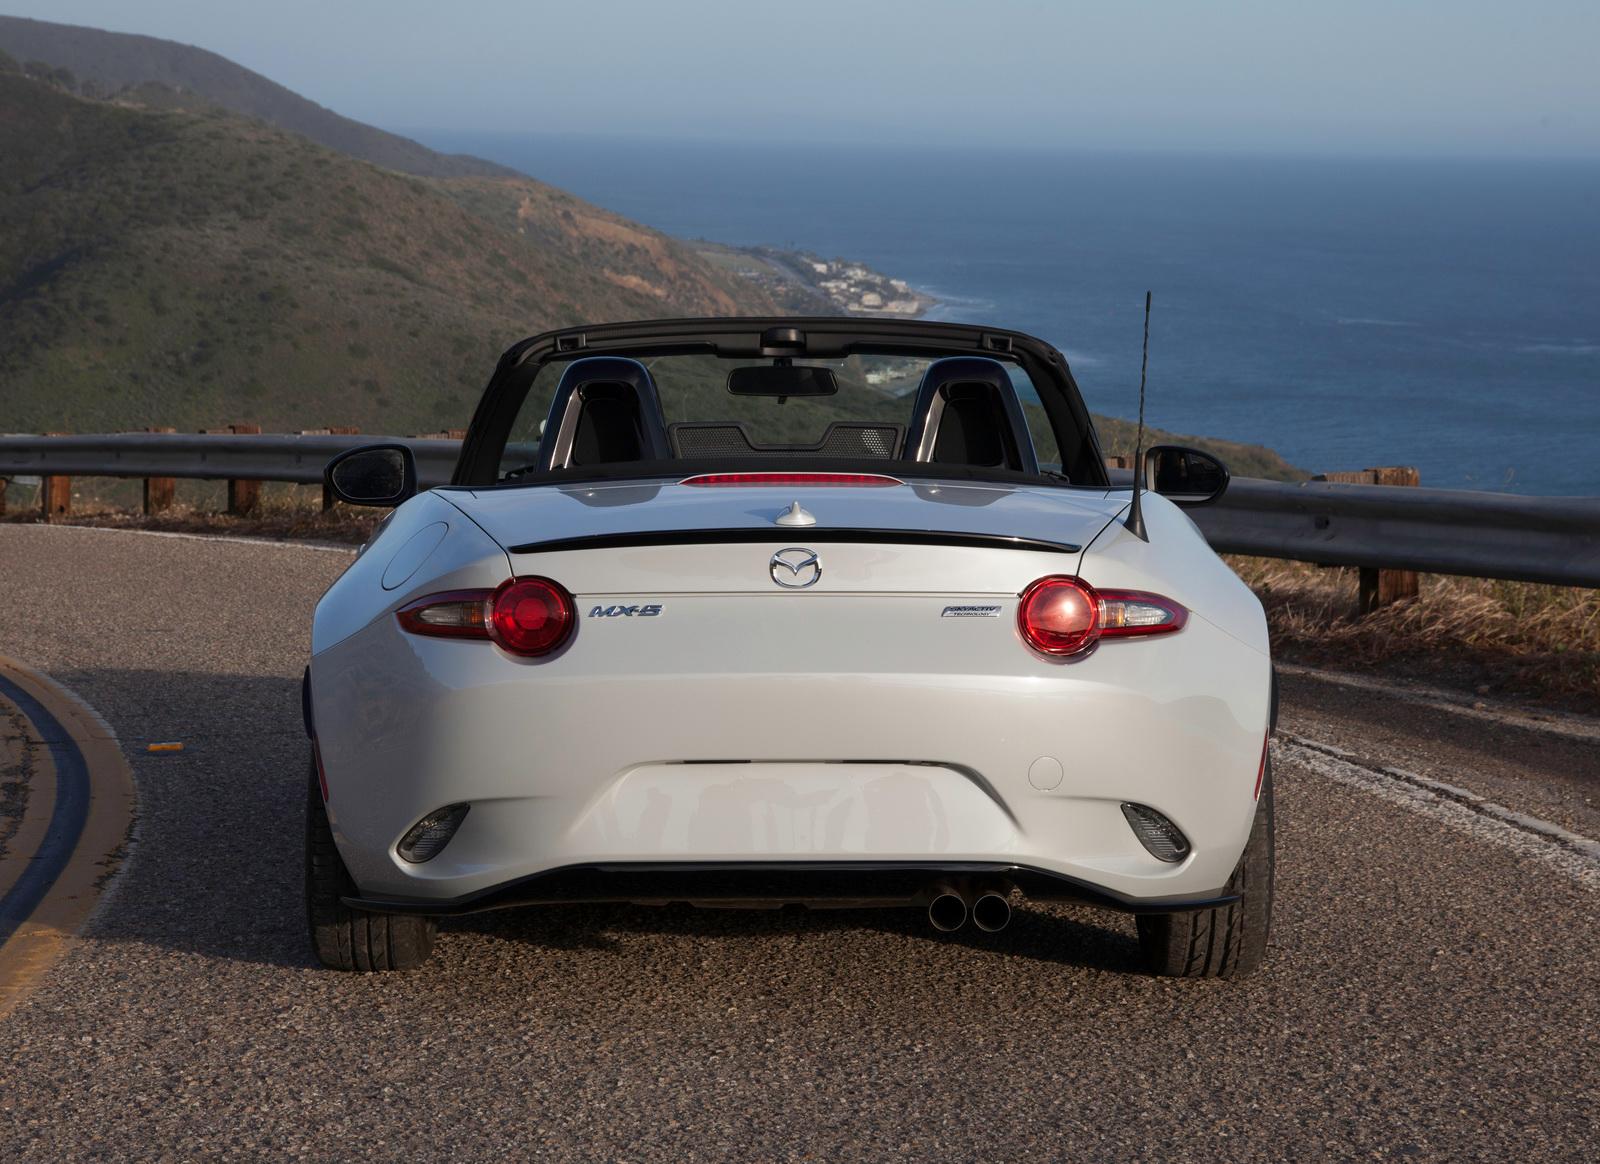 Mazda MX-5 Club: Diferencial autoblocante, suspensión Bilstein... 2